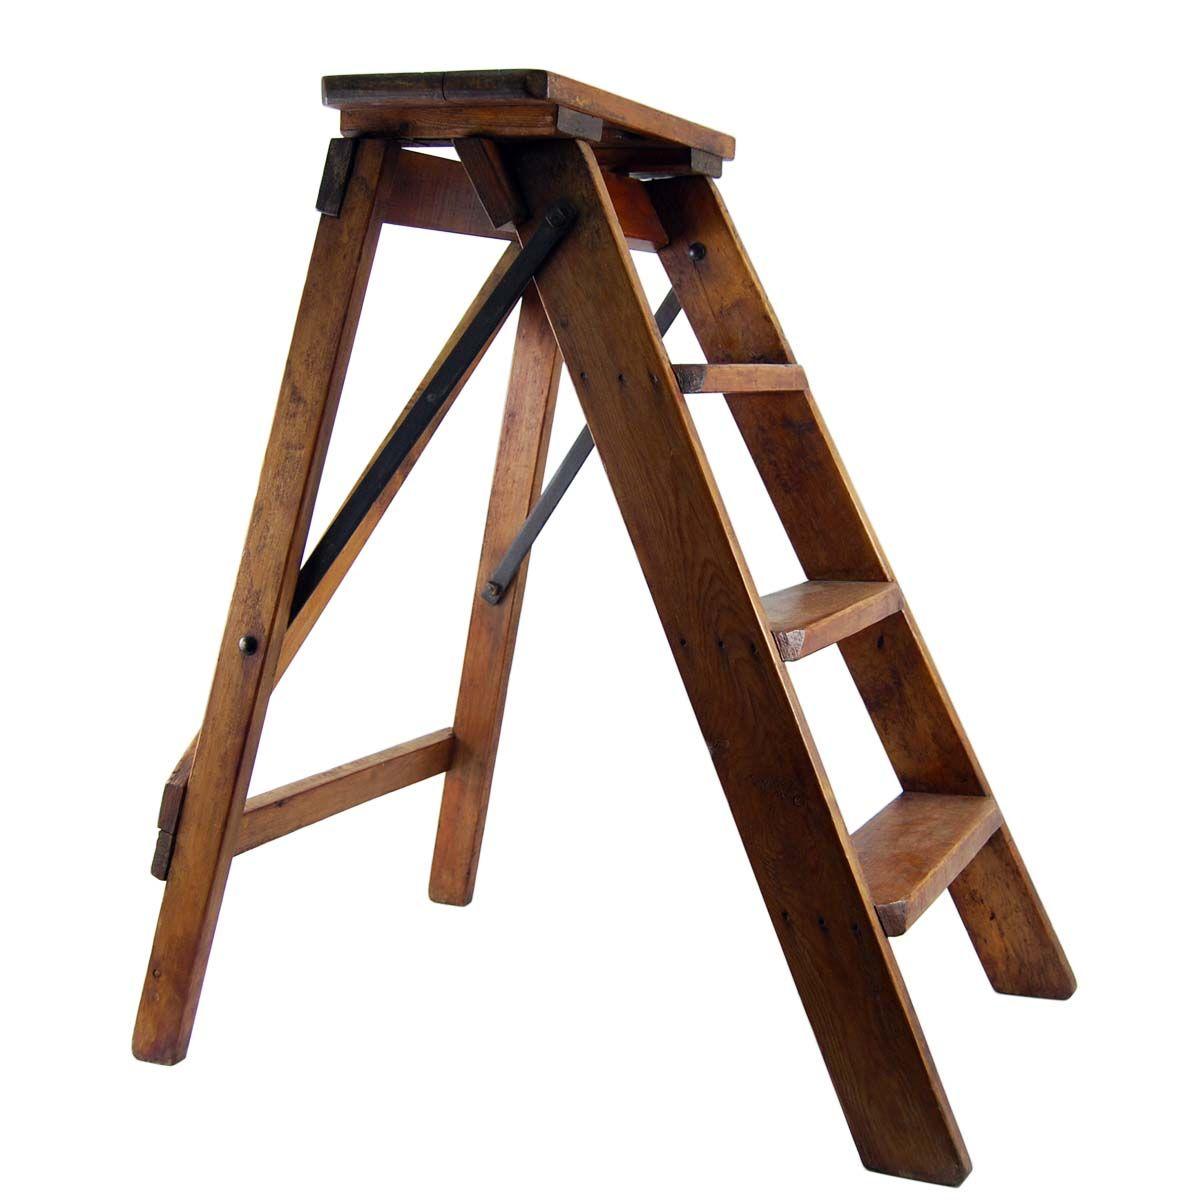 Vintage Step Ladder With Shelf